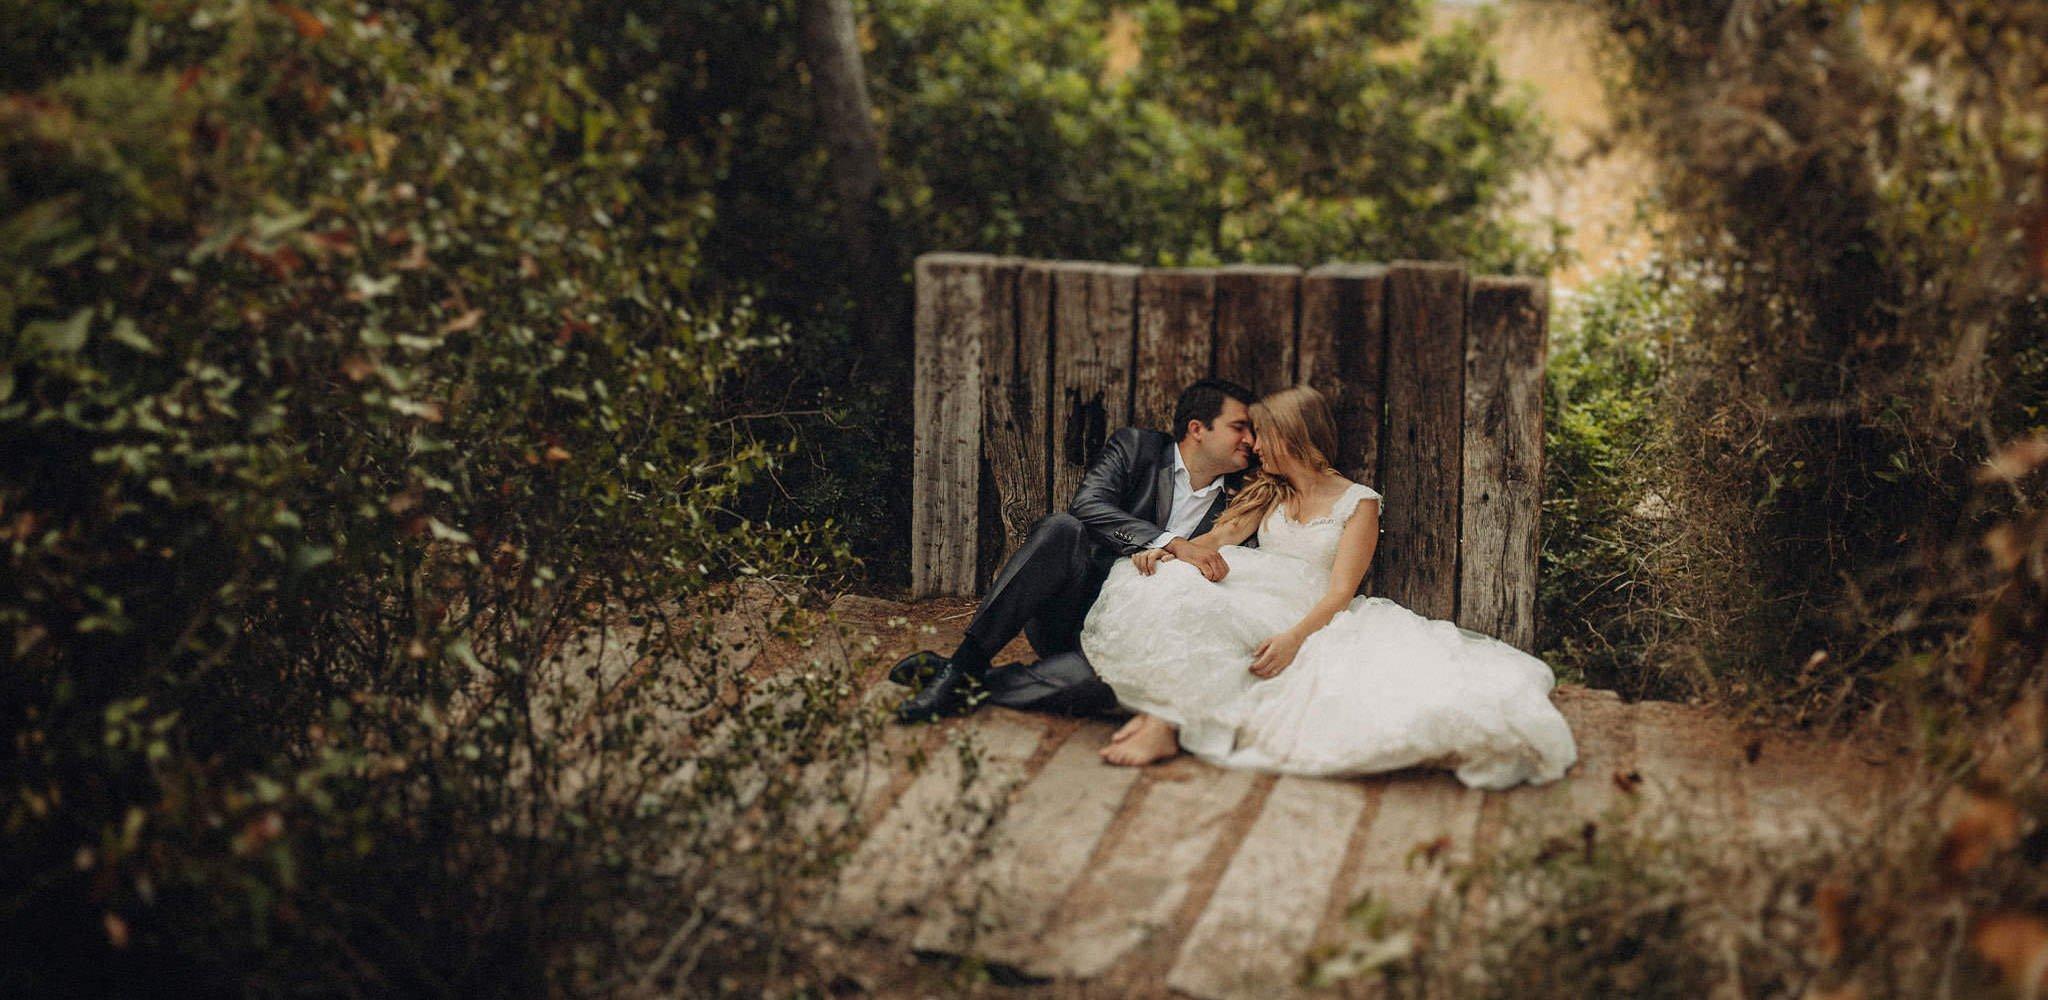 Fotos Postboda - Pedro Talens fotógrafo de bodas en Valencia